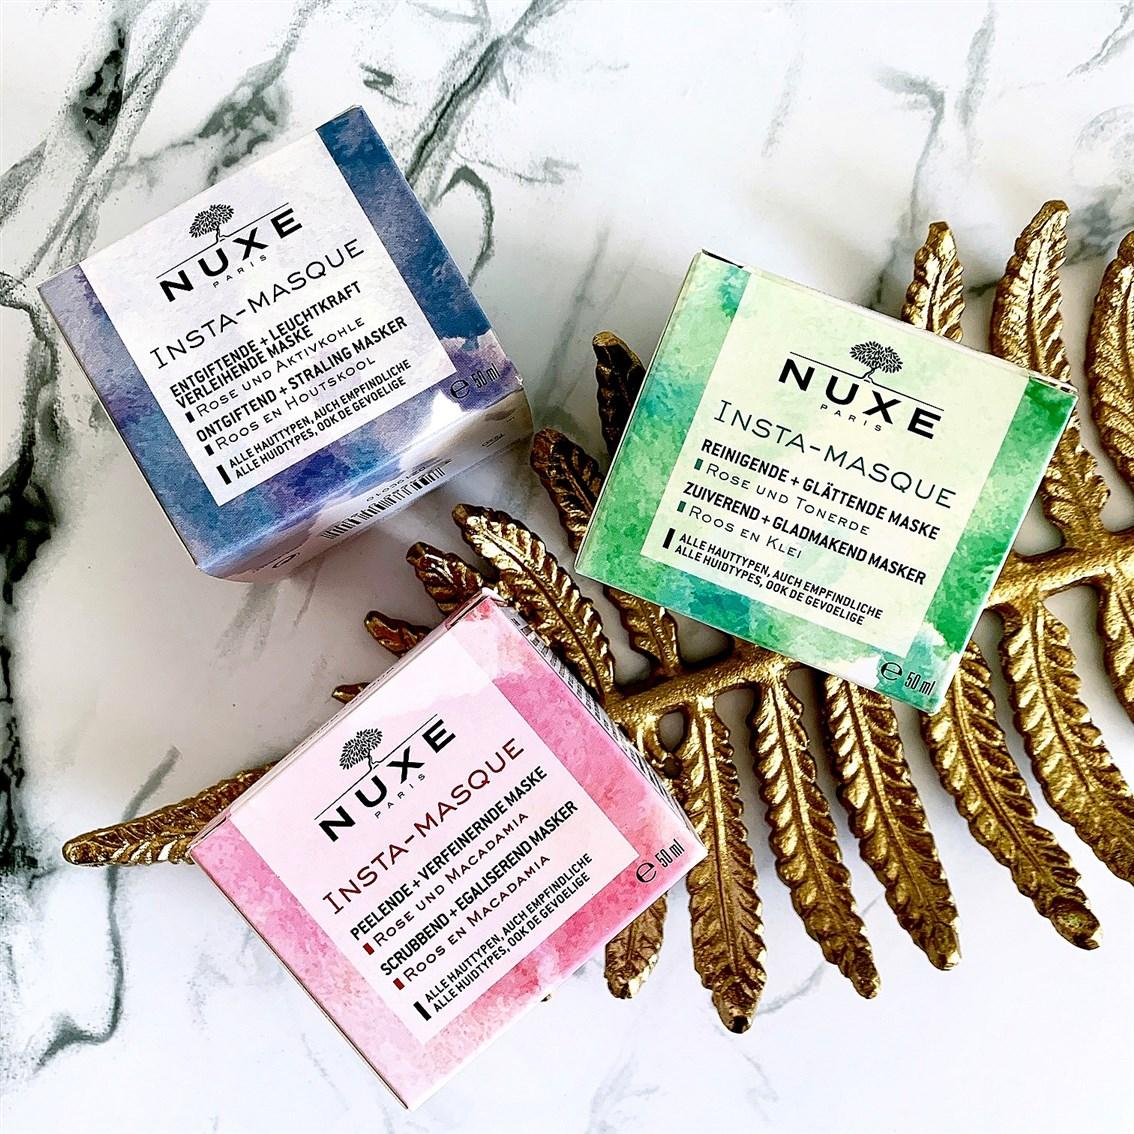 Nuxe Insta-Masque blog